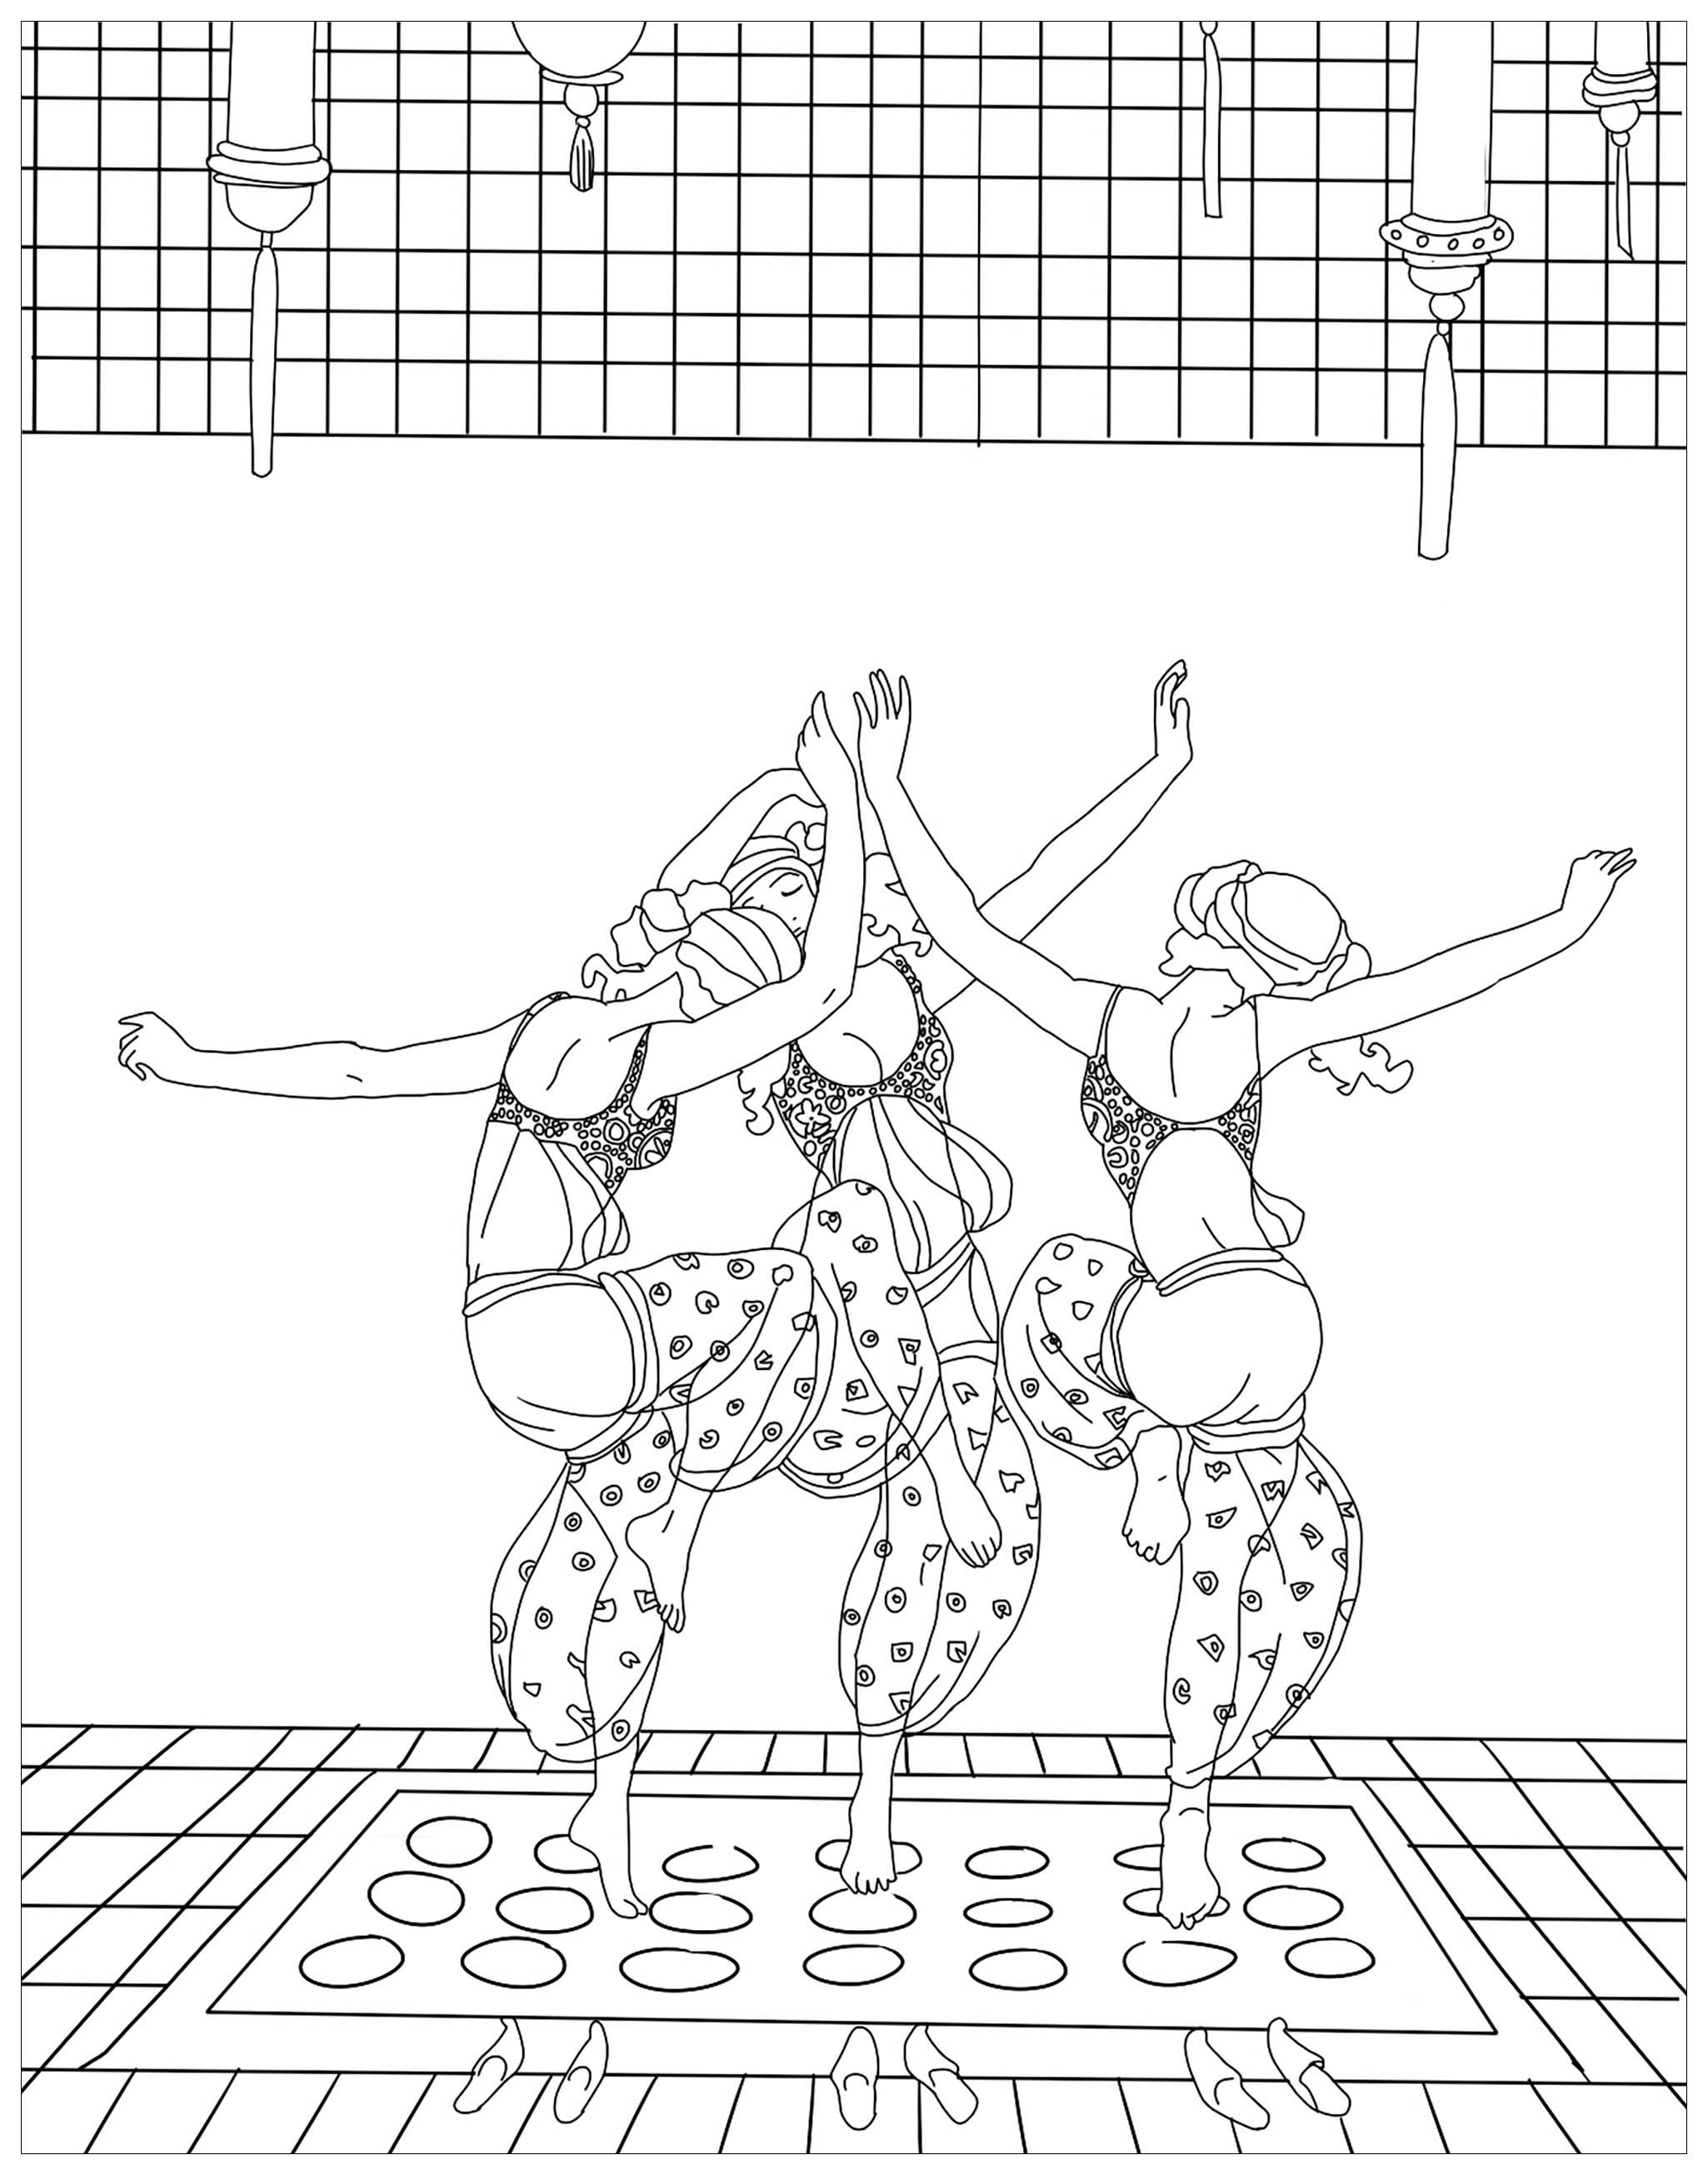 Malbuch Fur Erwachsene  : Orientalisch - 1